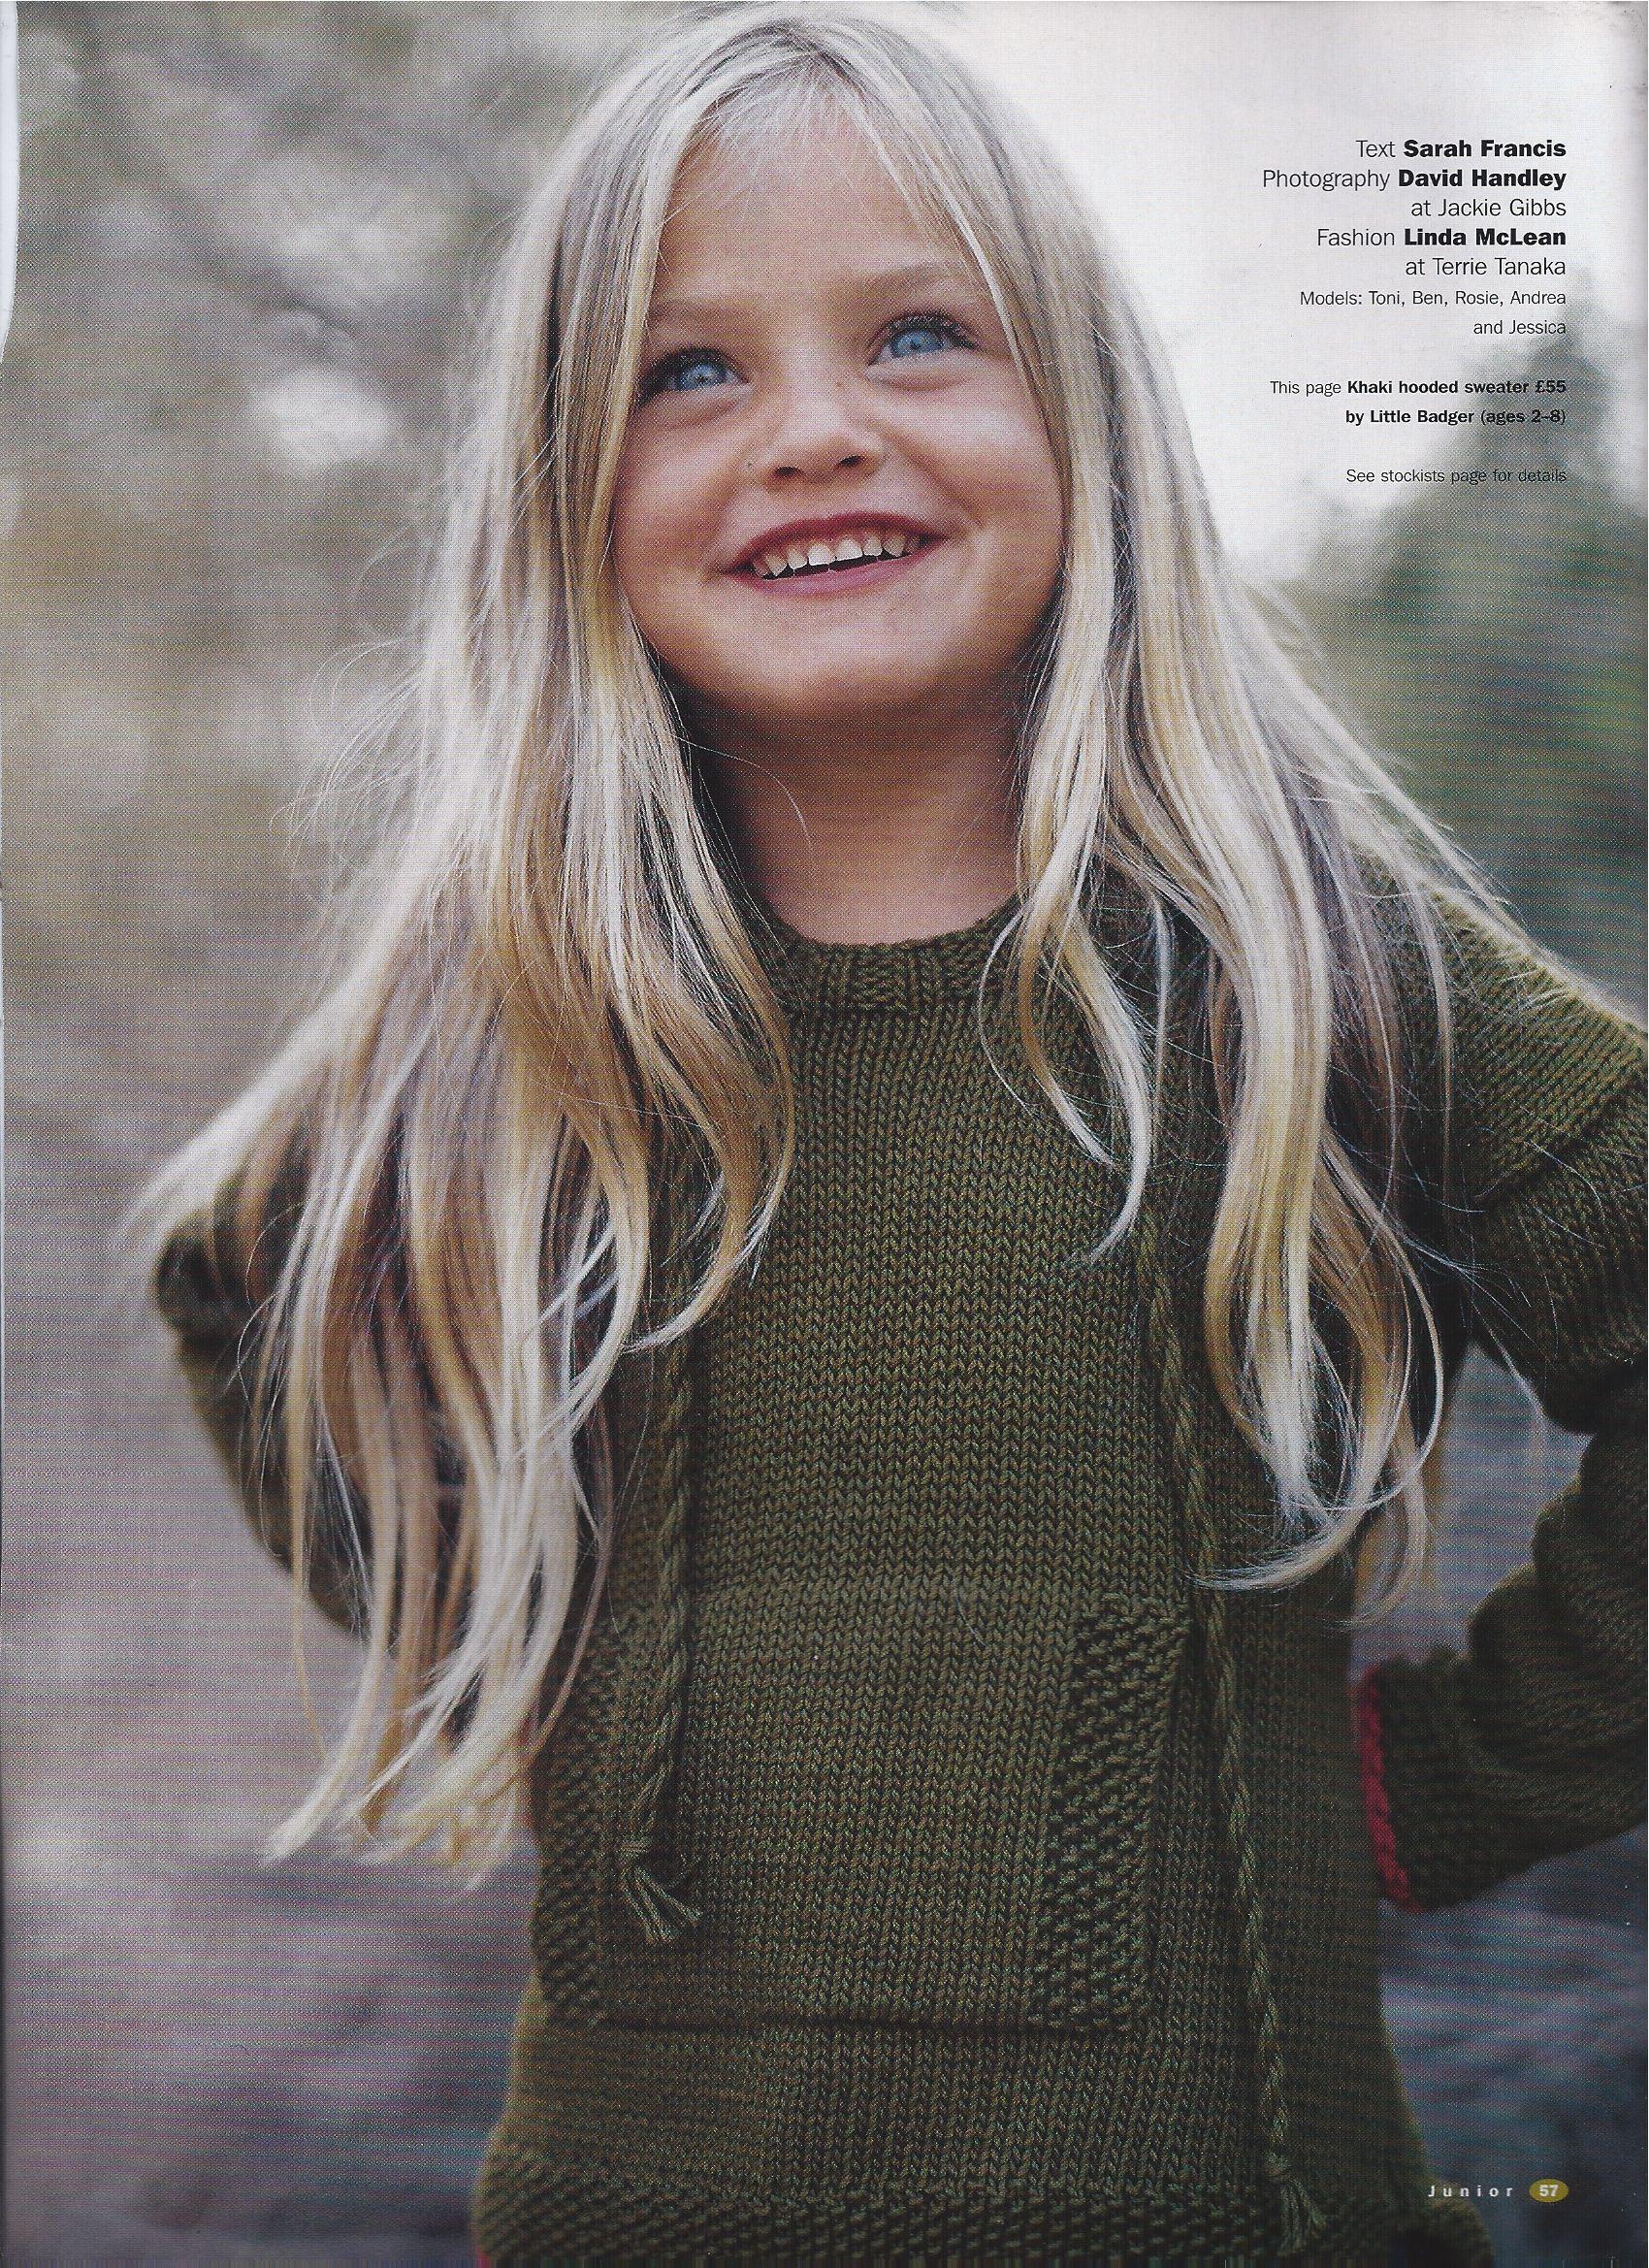 Khaki Hand knitted hoody from Little Badger www.littlebadger.co.uk